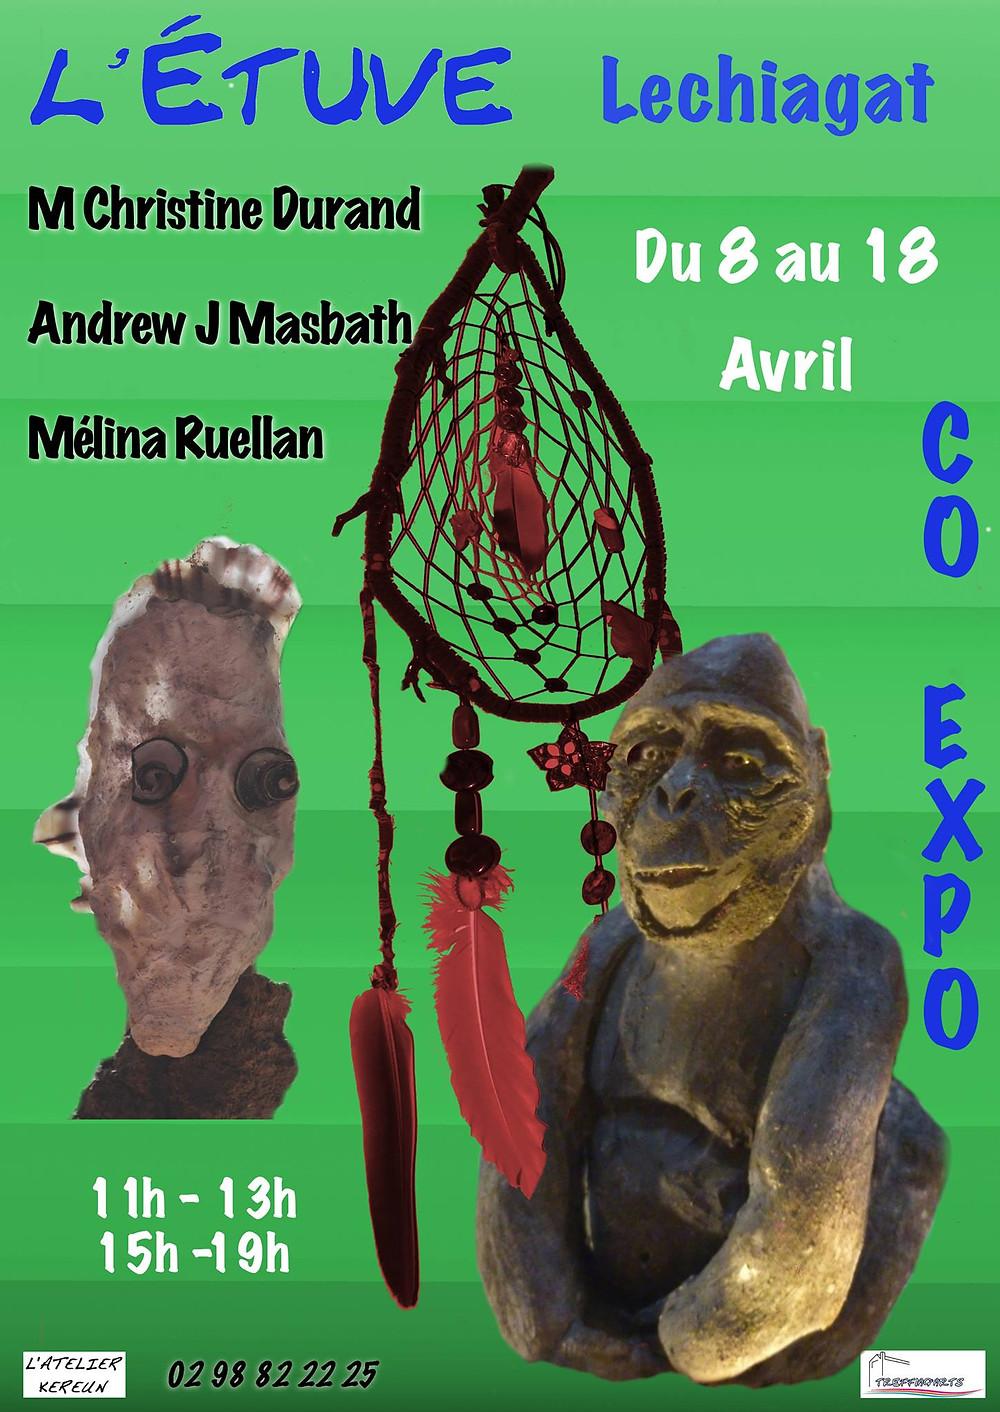 affiche de l'expo à l'étuve